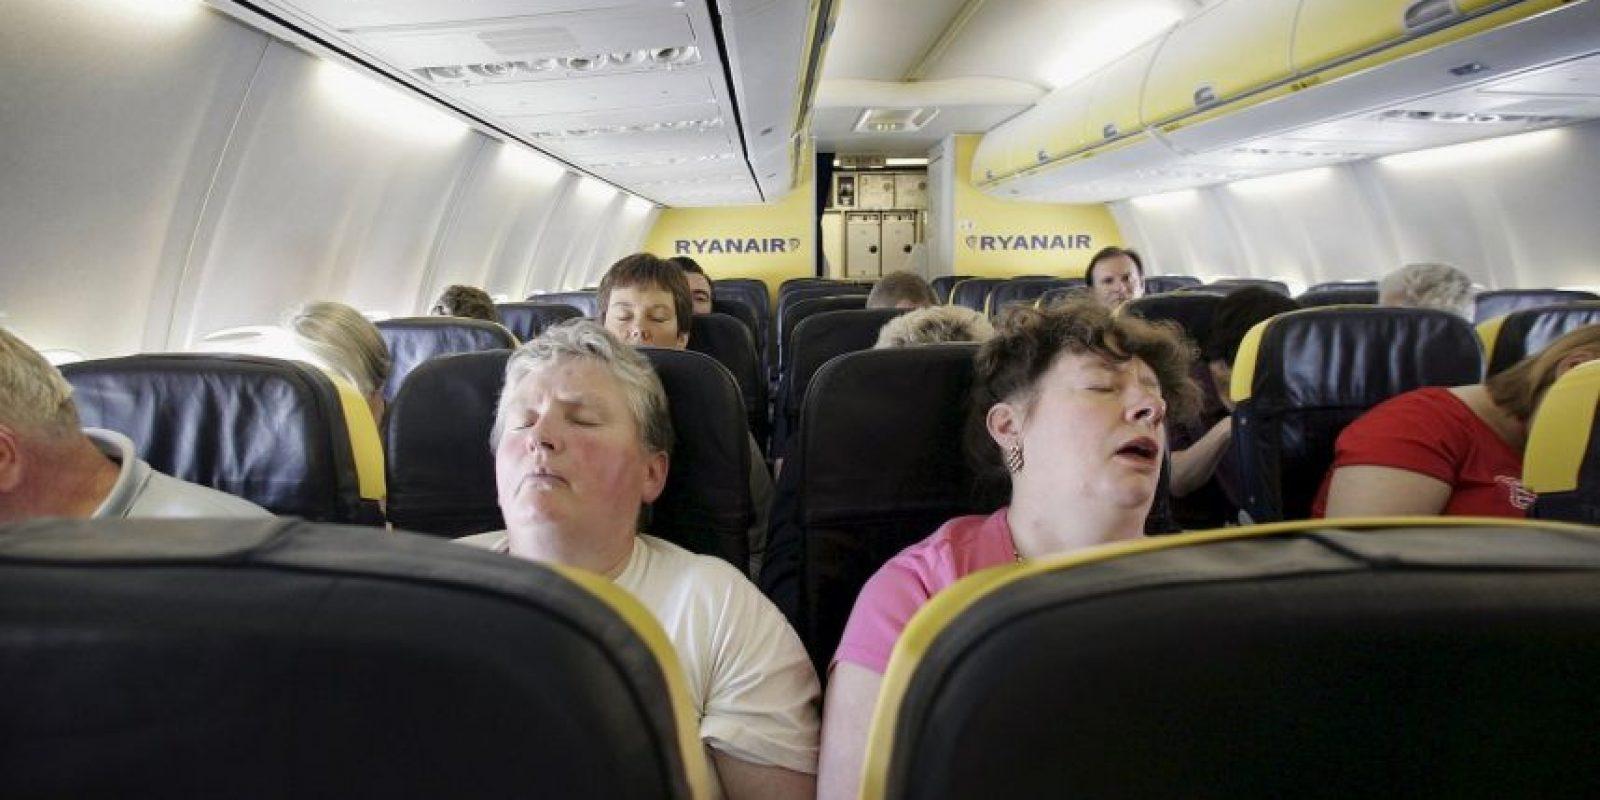 Este extraño fenómeno comenzó a detectarse en 2010, cuando se reportaron los primeros casos. Foto:Getty Images